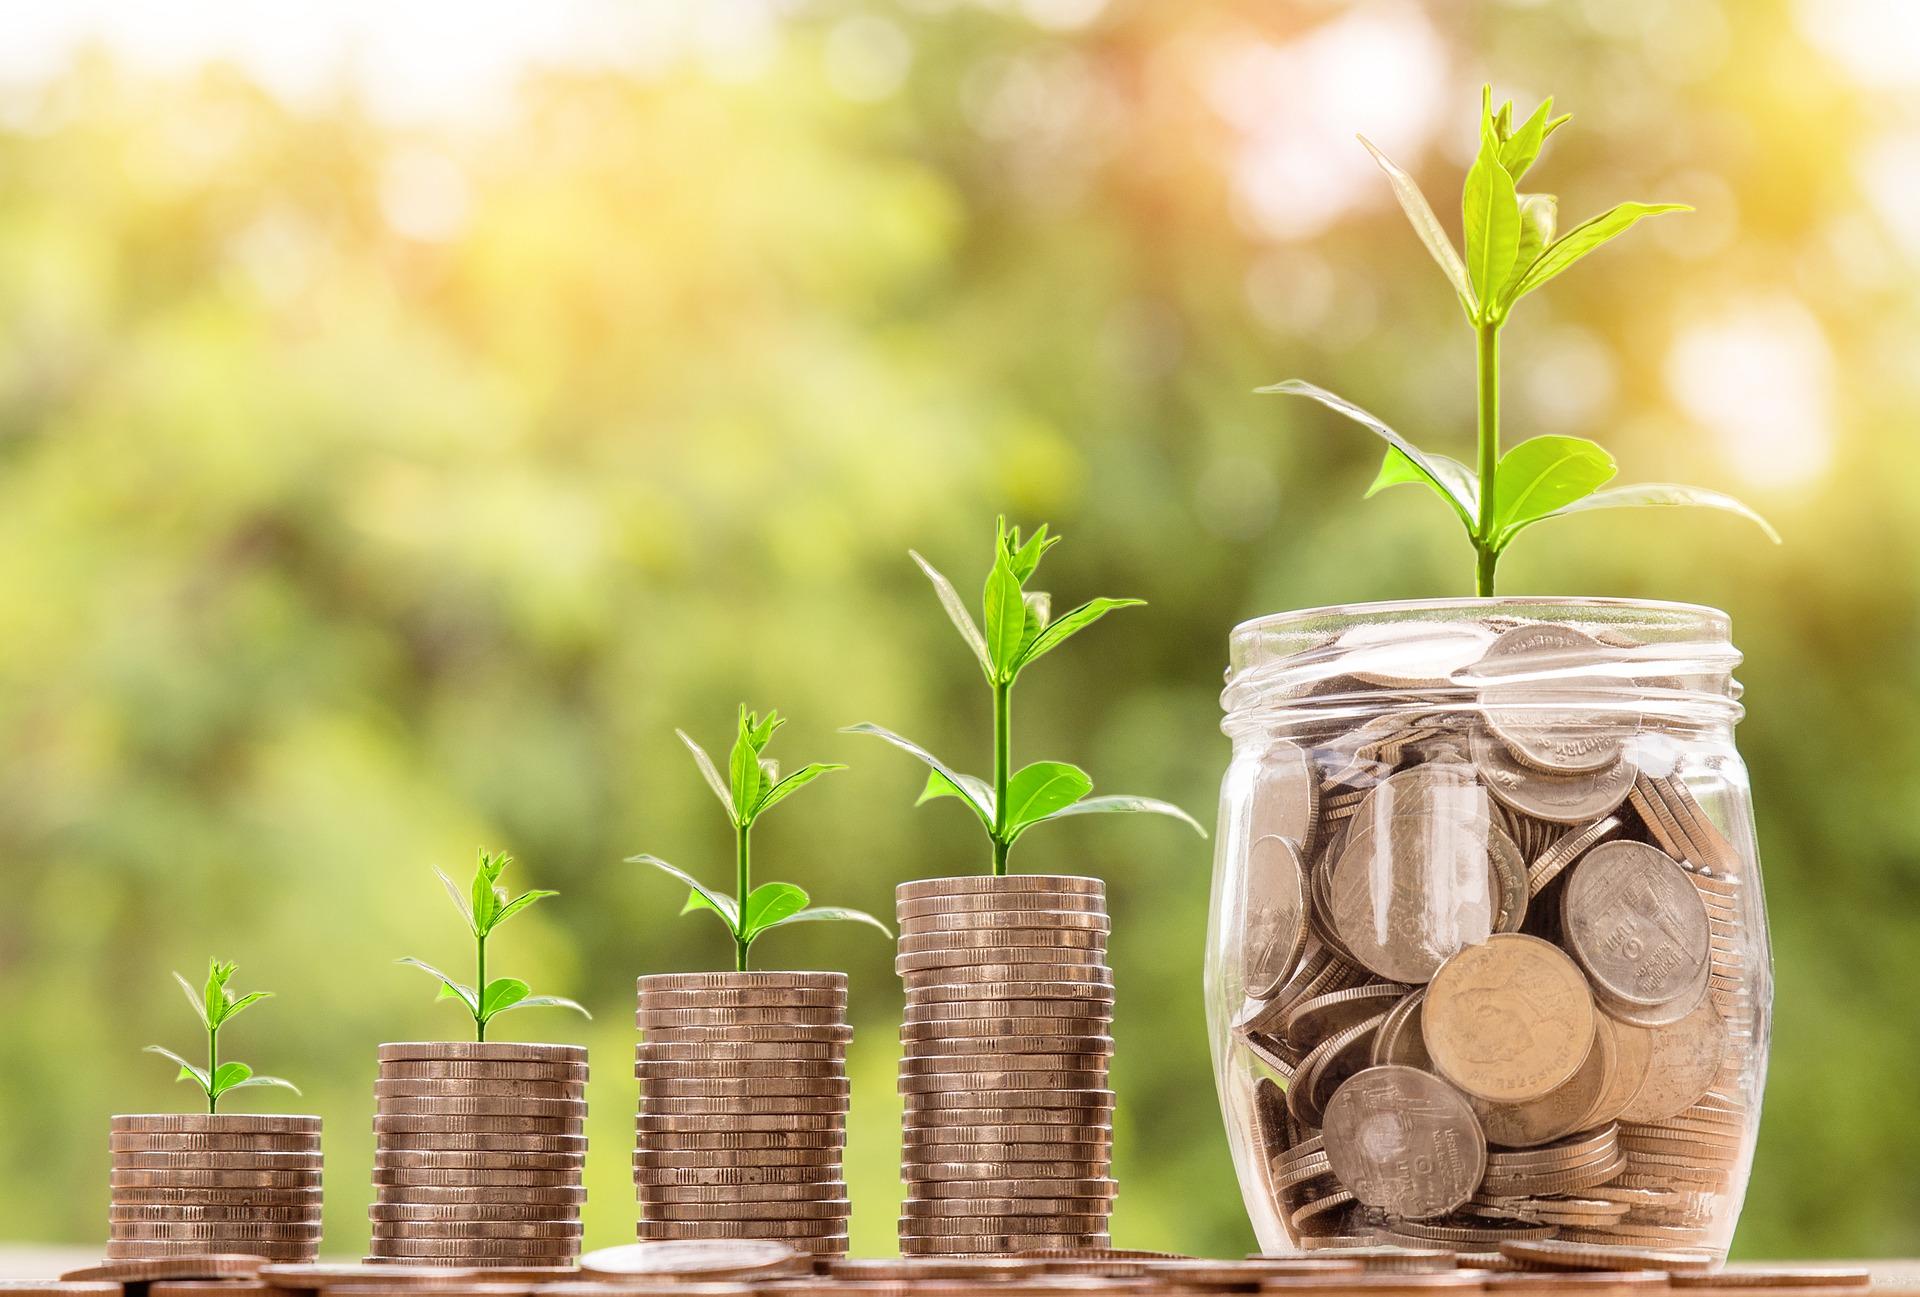 エシカル金融が世界を変える